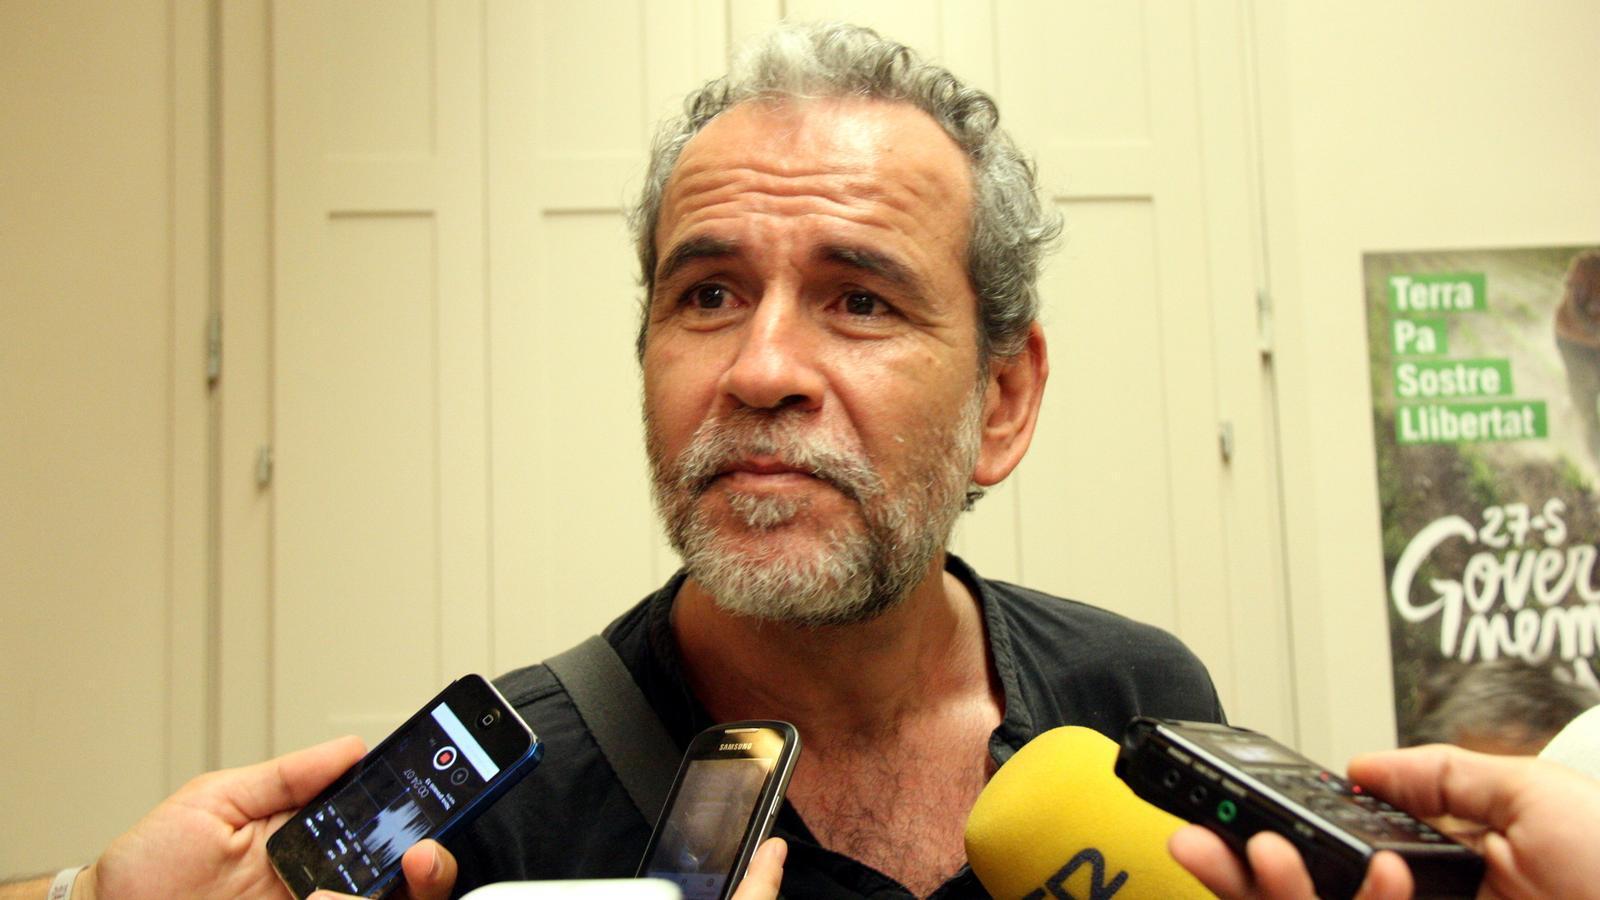 L'actor Willy Toledo va fer acte de presència al míting de la CUP a Gràcia / LAURA BUSQUETS (ACN)